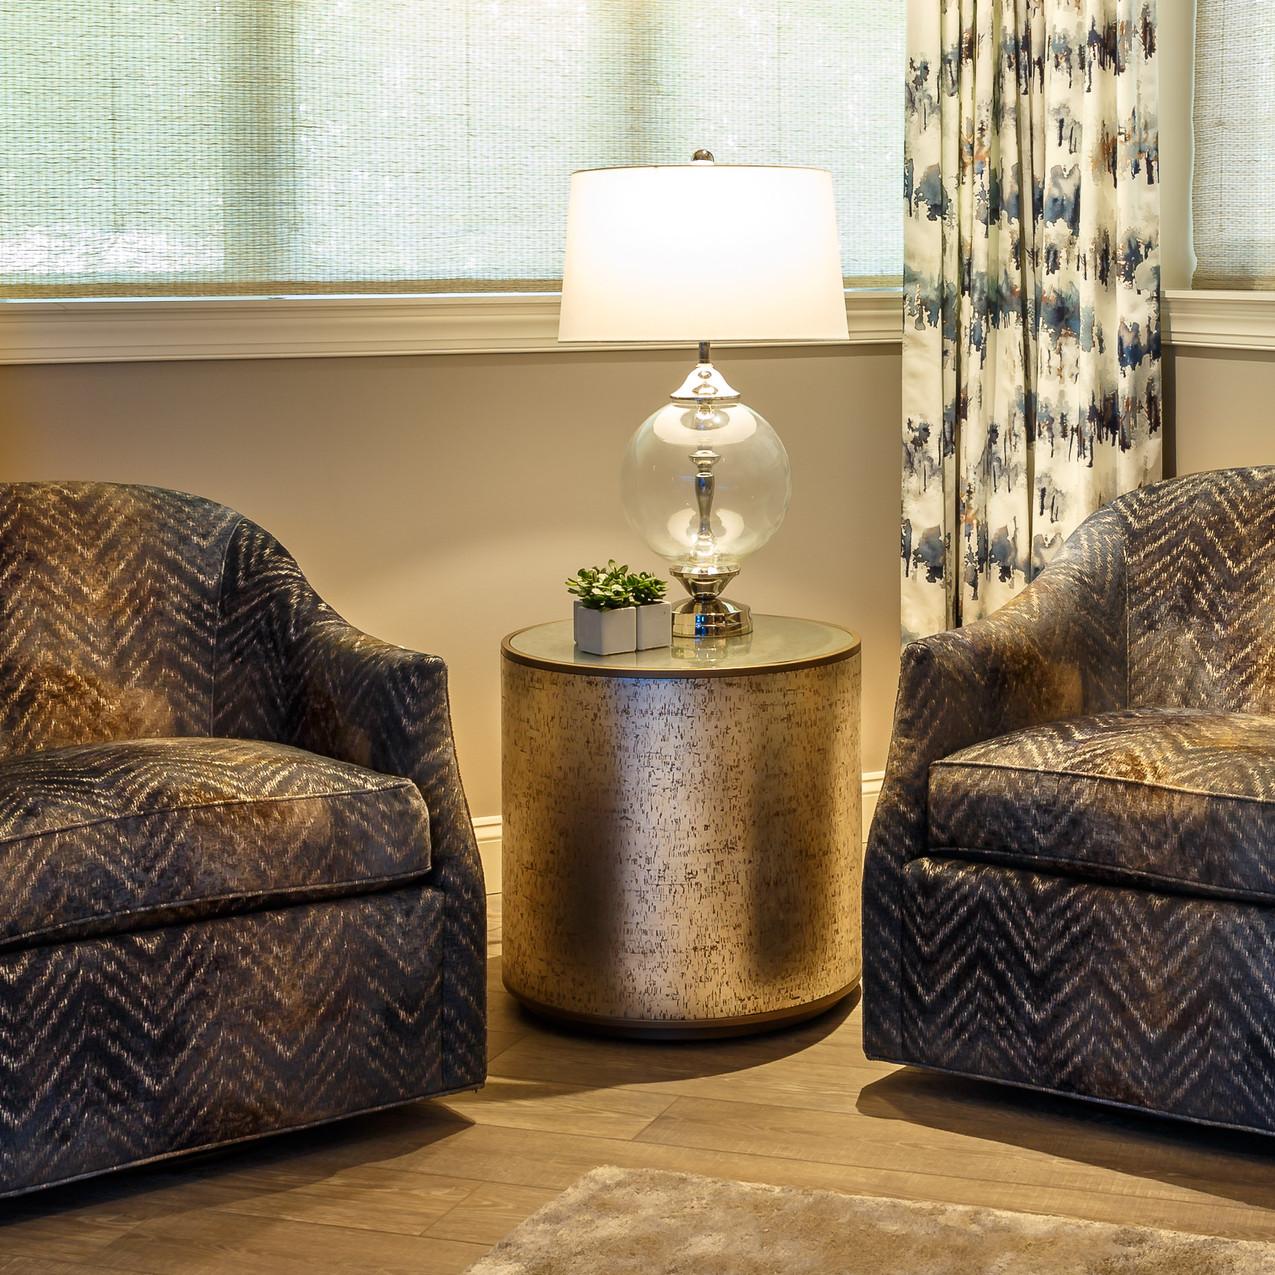 Levergood-cozy-seating-area